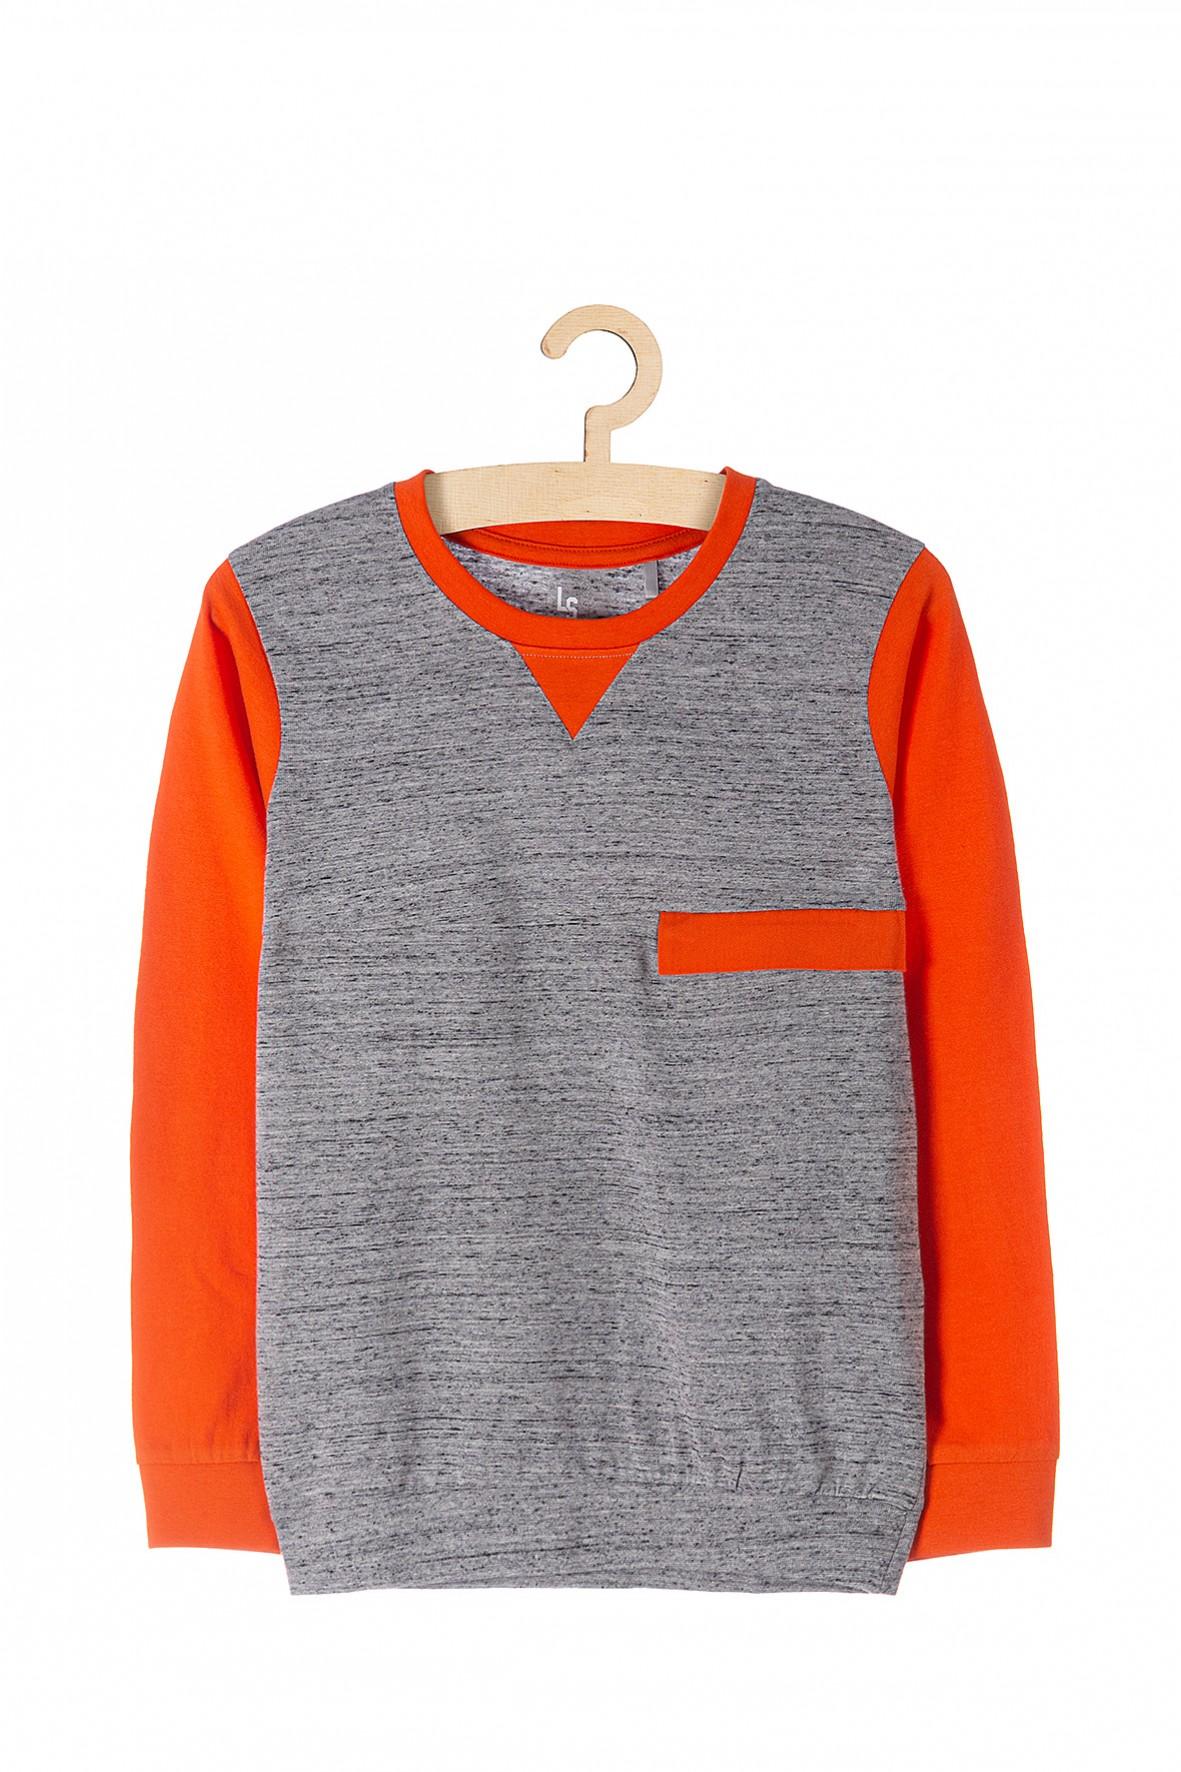 Cienka bluzka chłopięca- szara z pomarańczowymi rękawami